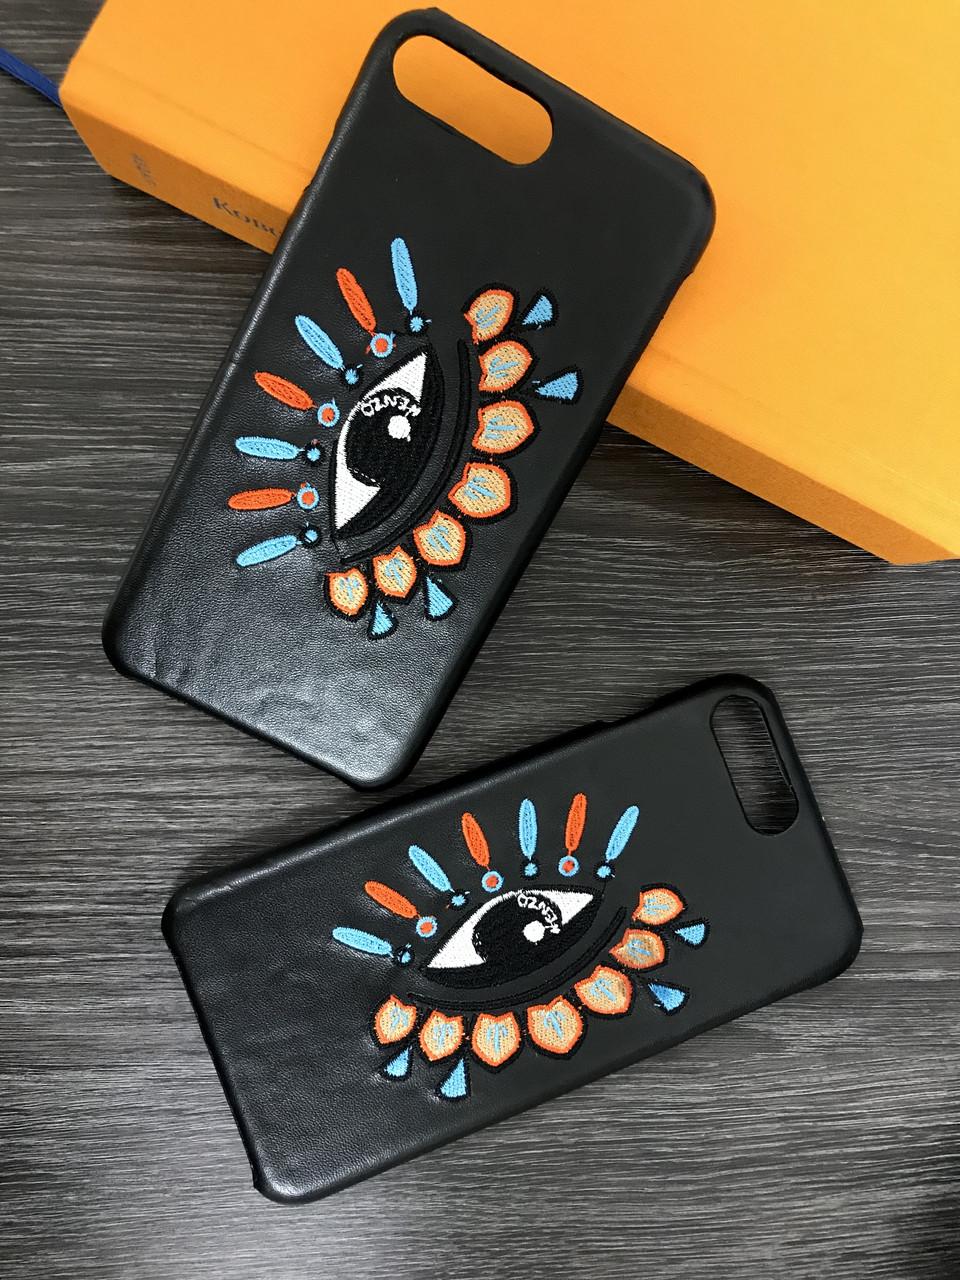 Плаcтиковый чехол для  iPhone 6 / 6S Черный с глазом, кожа